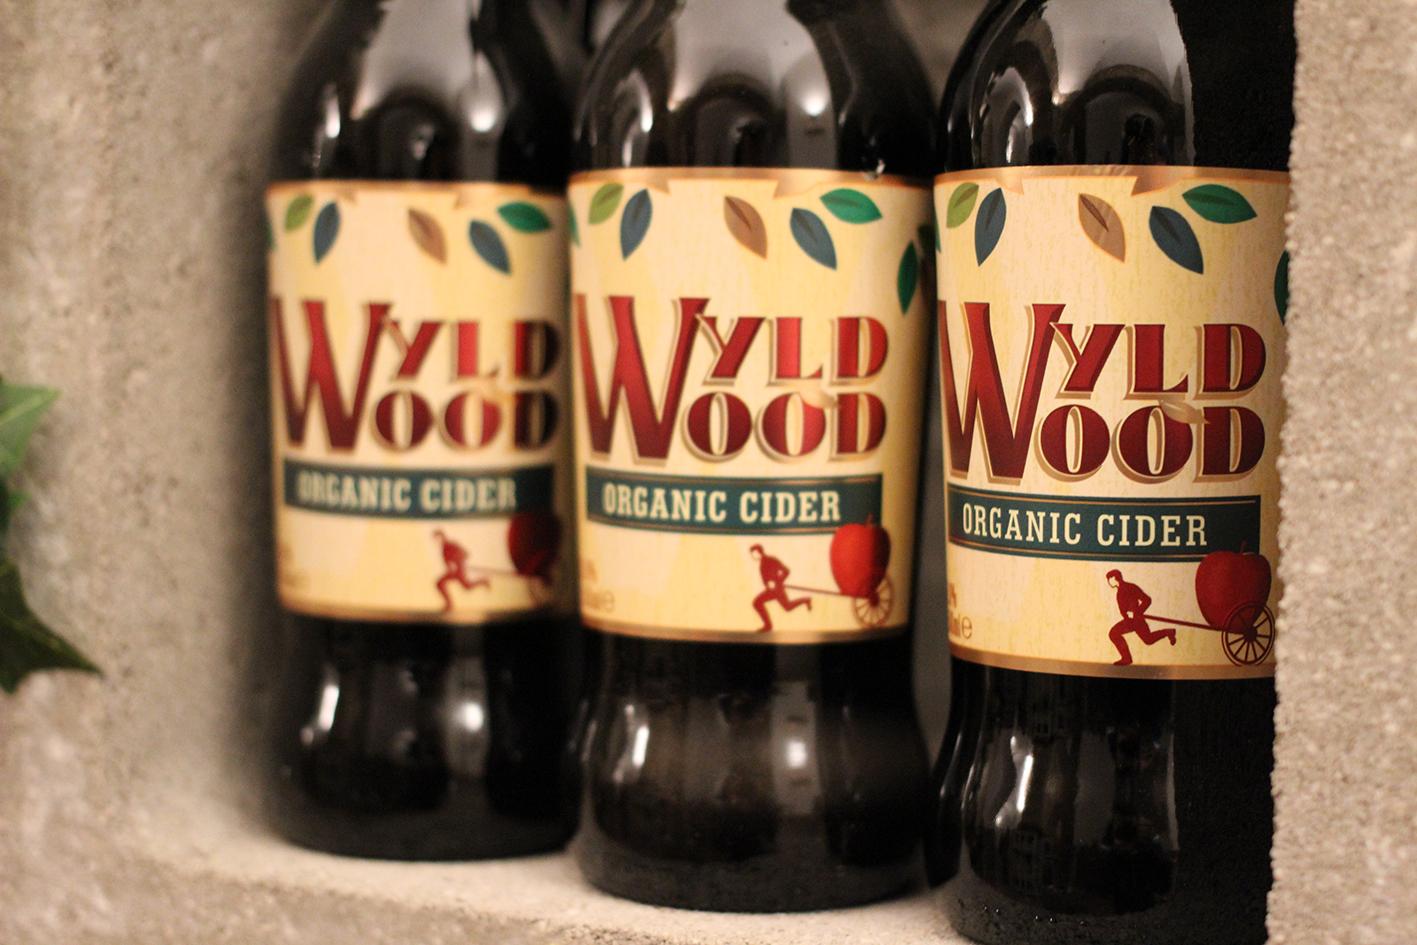 Die Cider-Auswahl ist ebenfalls beeindruckend.